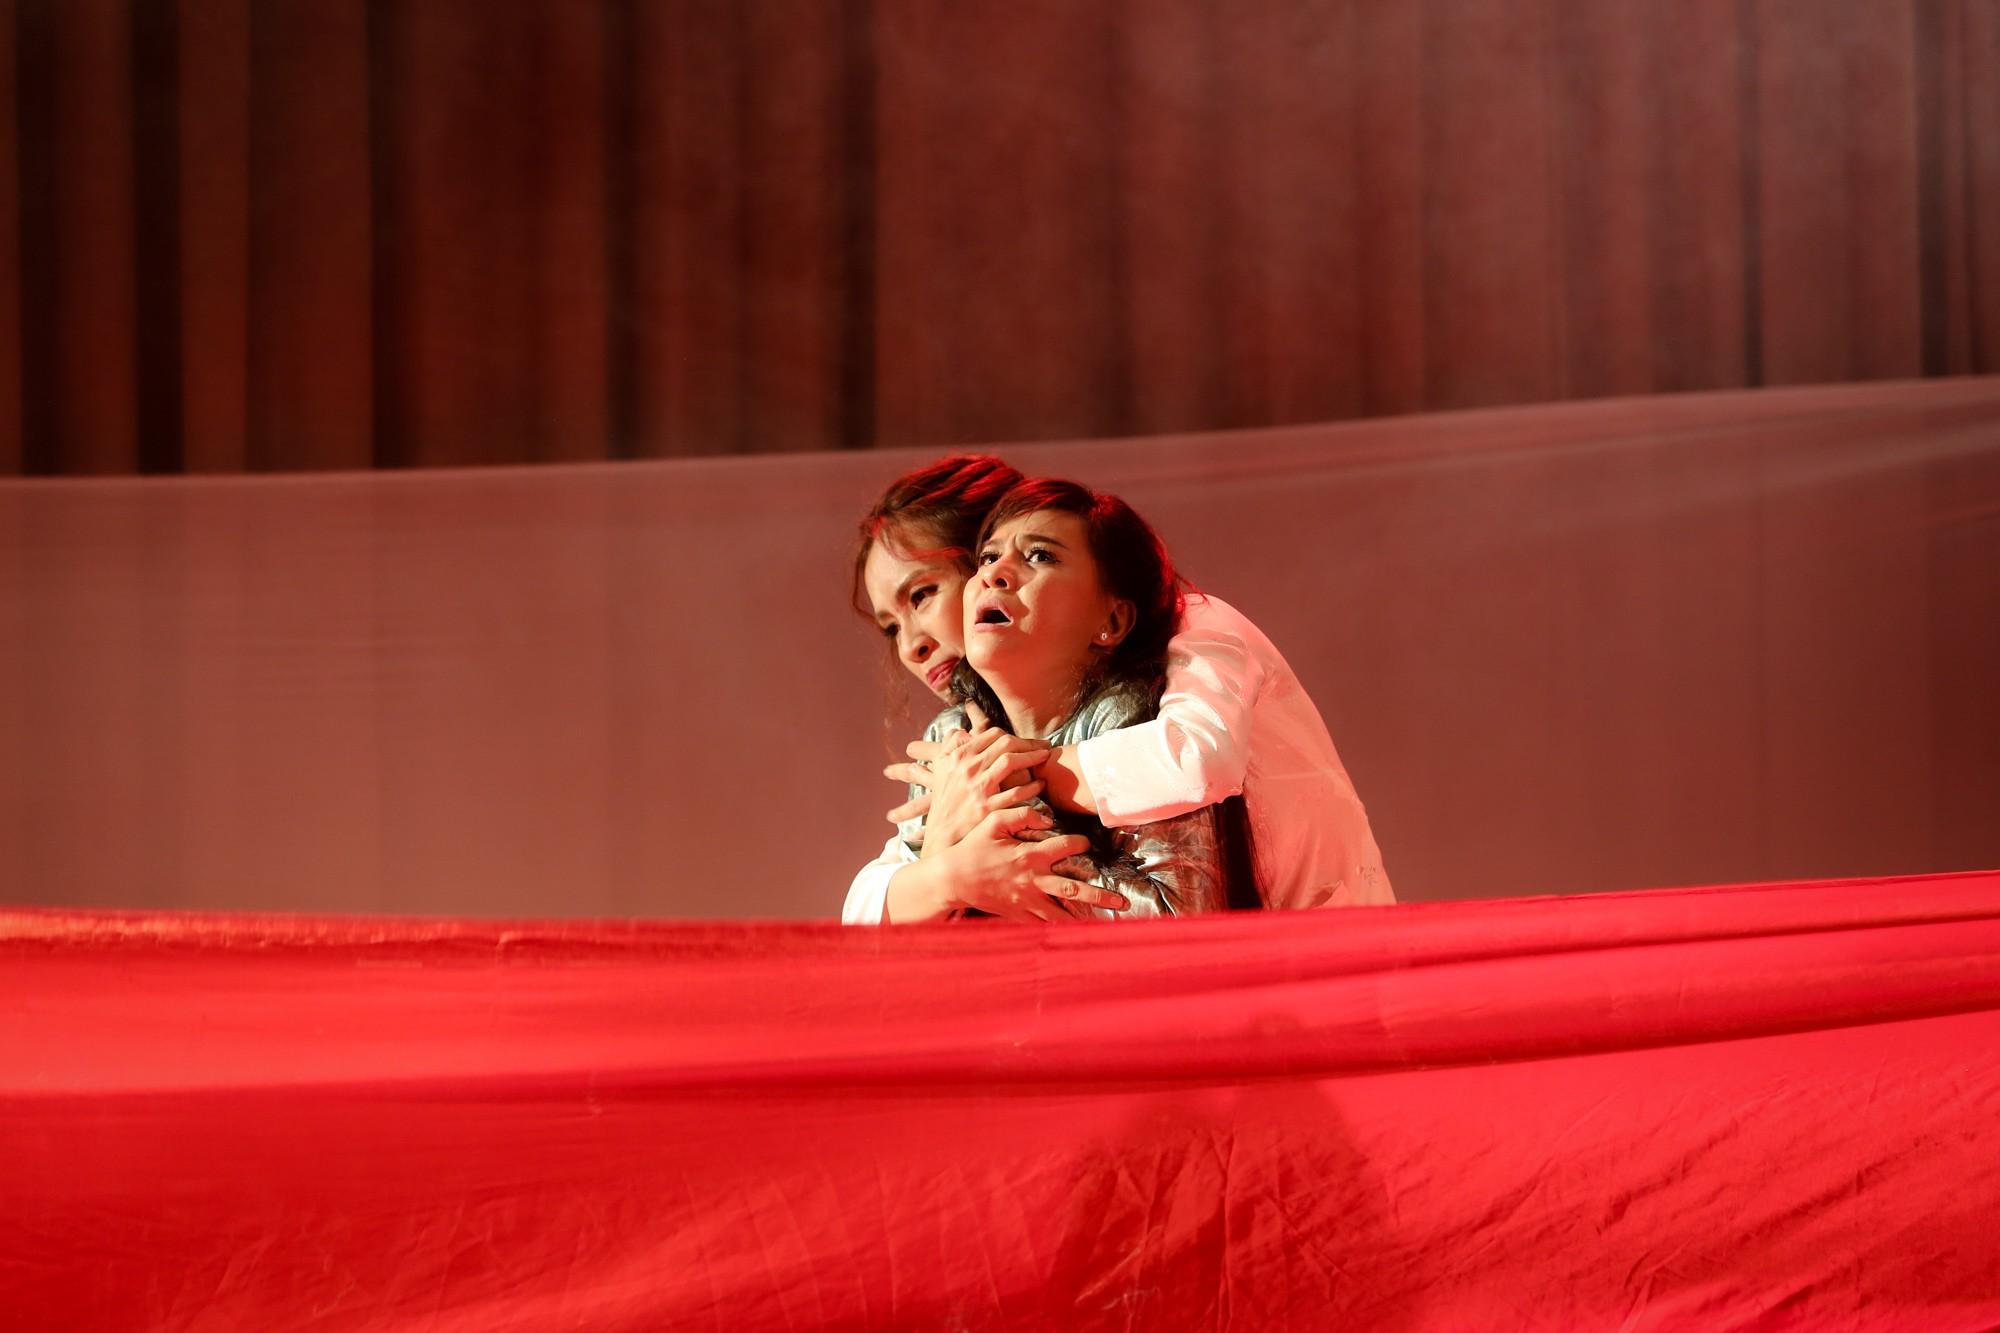 Lật mặt showbiz: Cát Phượng - Ái Phương ôm nhau khóc sau mâu thuẫn từ câu chuyện Hà Hồ - Minh Hằng - Ảnh 9.